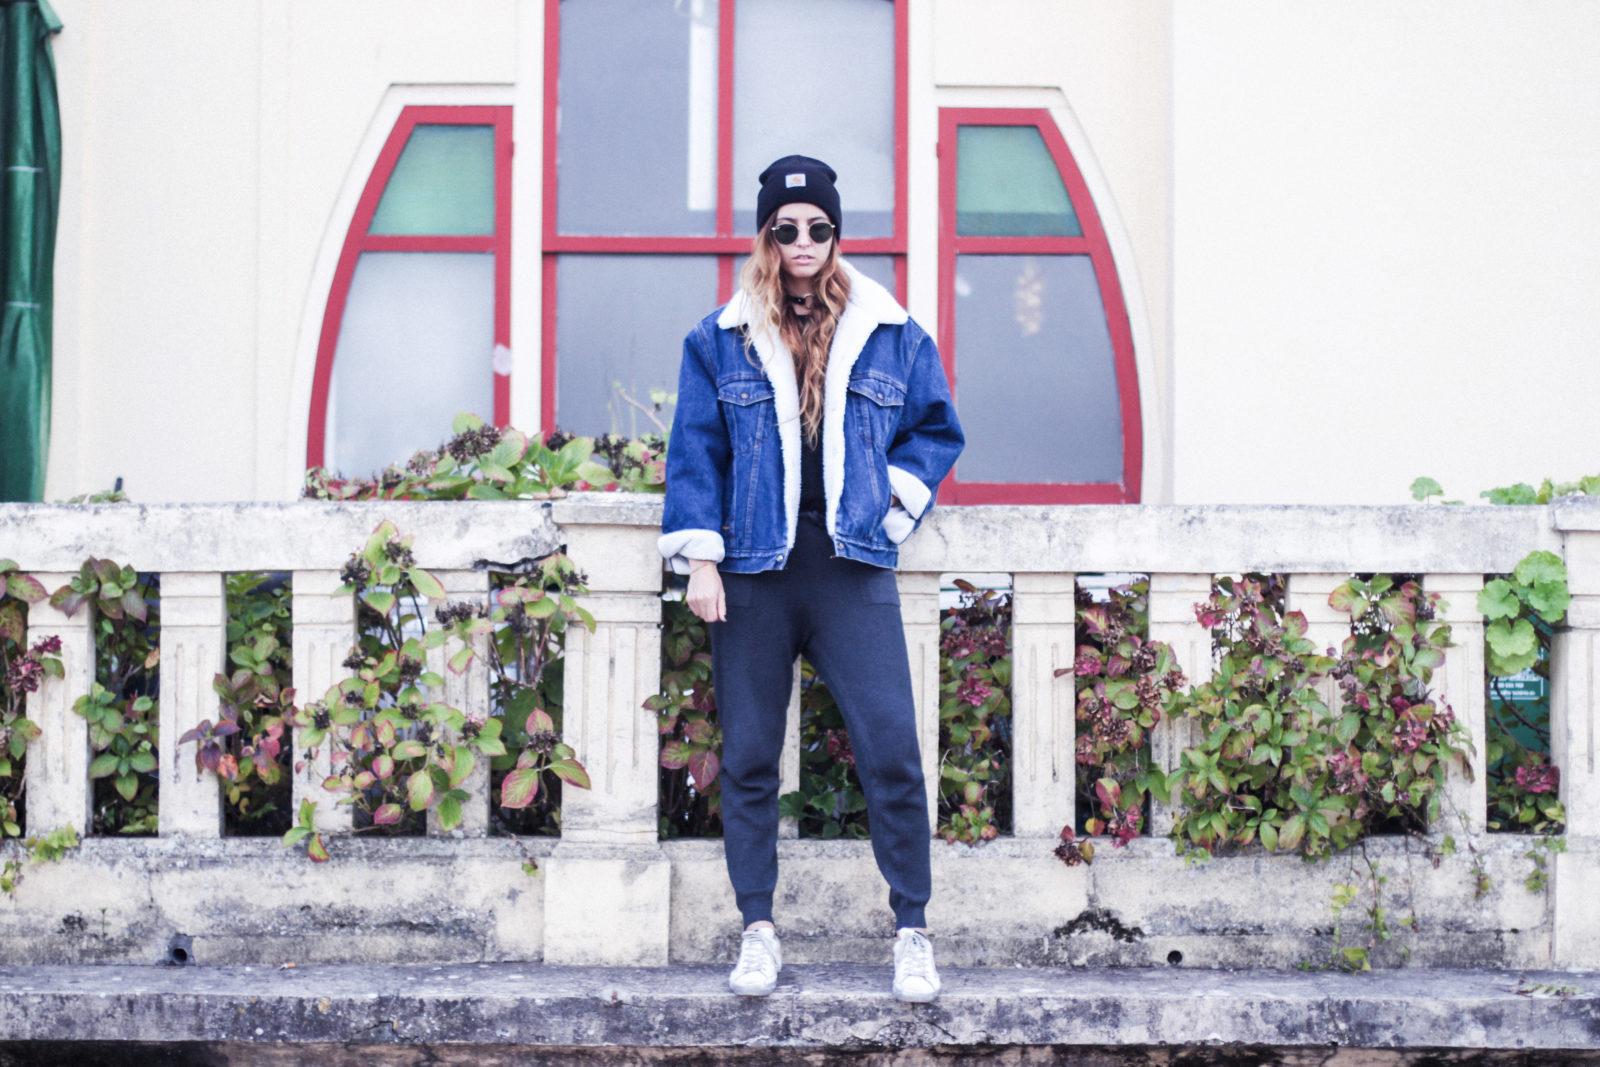 cazadora_vaquera_de_borreguillo_levis_vintage_golden_goose_gorrito_beanie_tendencias_2016_fall_trends_street_style_choker_donkeycool-16